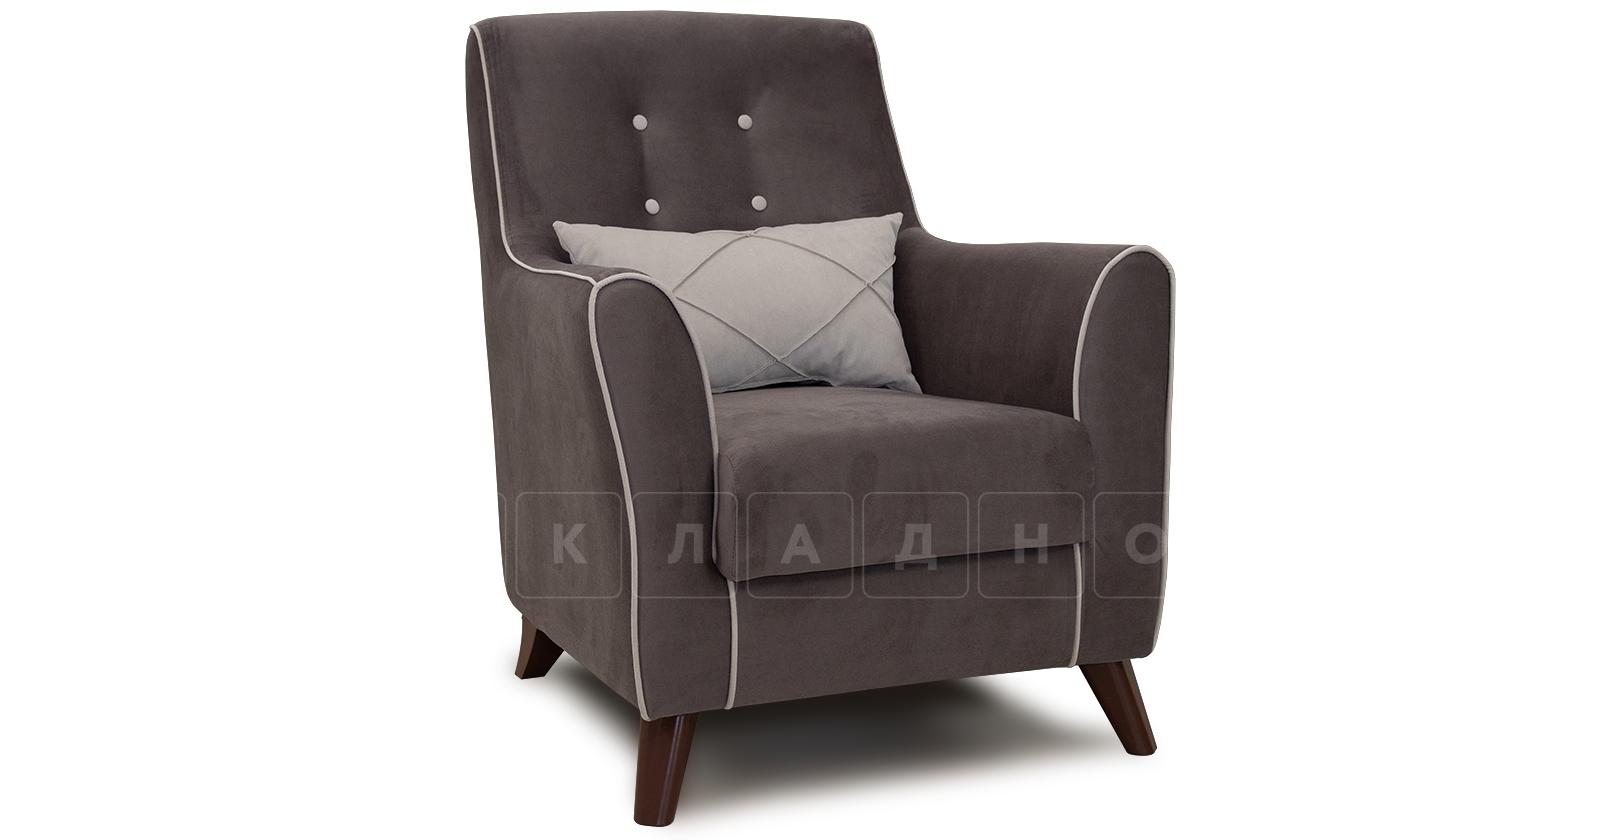 Кресло для отдыха Флэтфорд шоколад фото 1 | интернет-магазин Складно